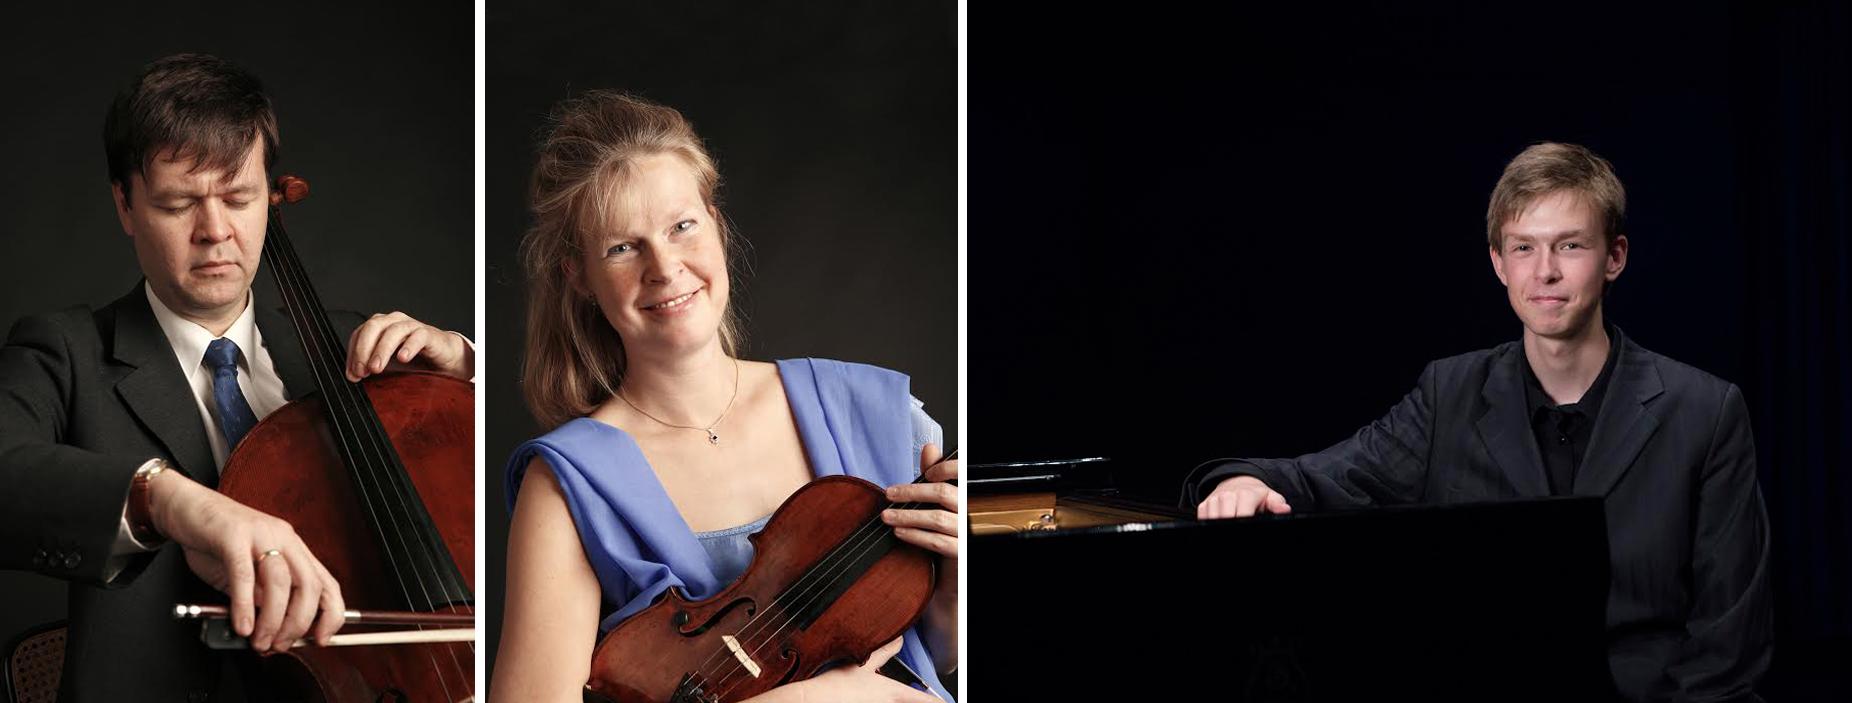 Udøvende vil være Klaus Munk-Nielsen (cello), hans kone Anna Munk-Nielsen (violin) samt deres prisvindende søn, David Munk-Nielsen (klaver). Pressefoto